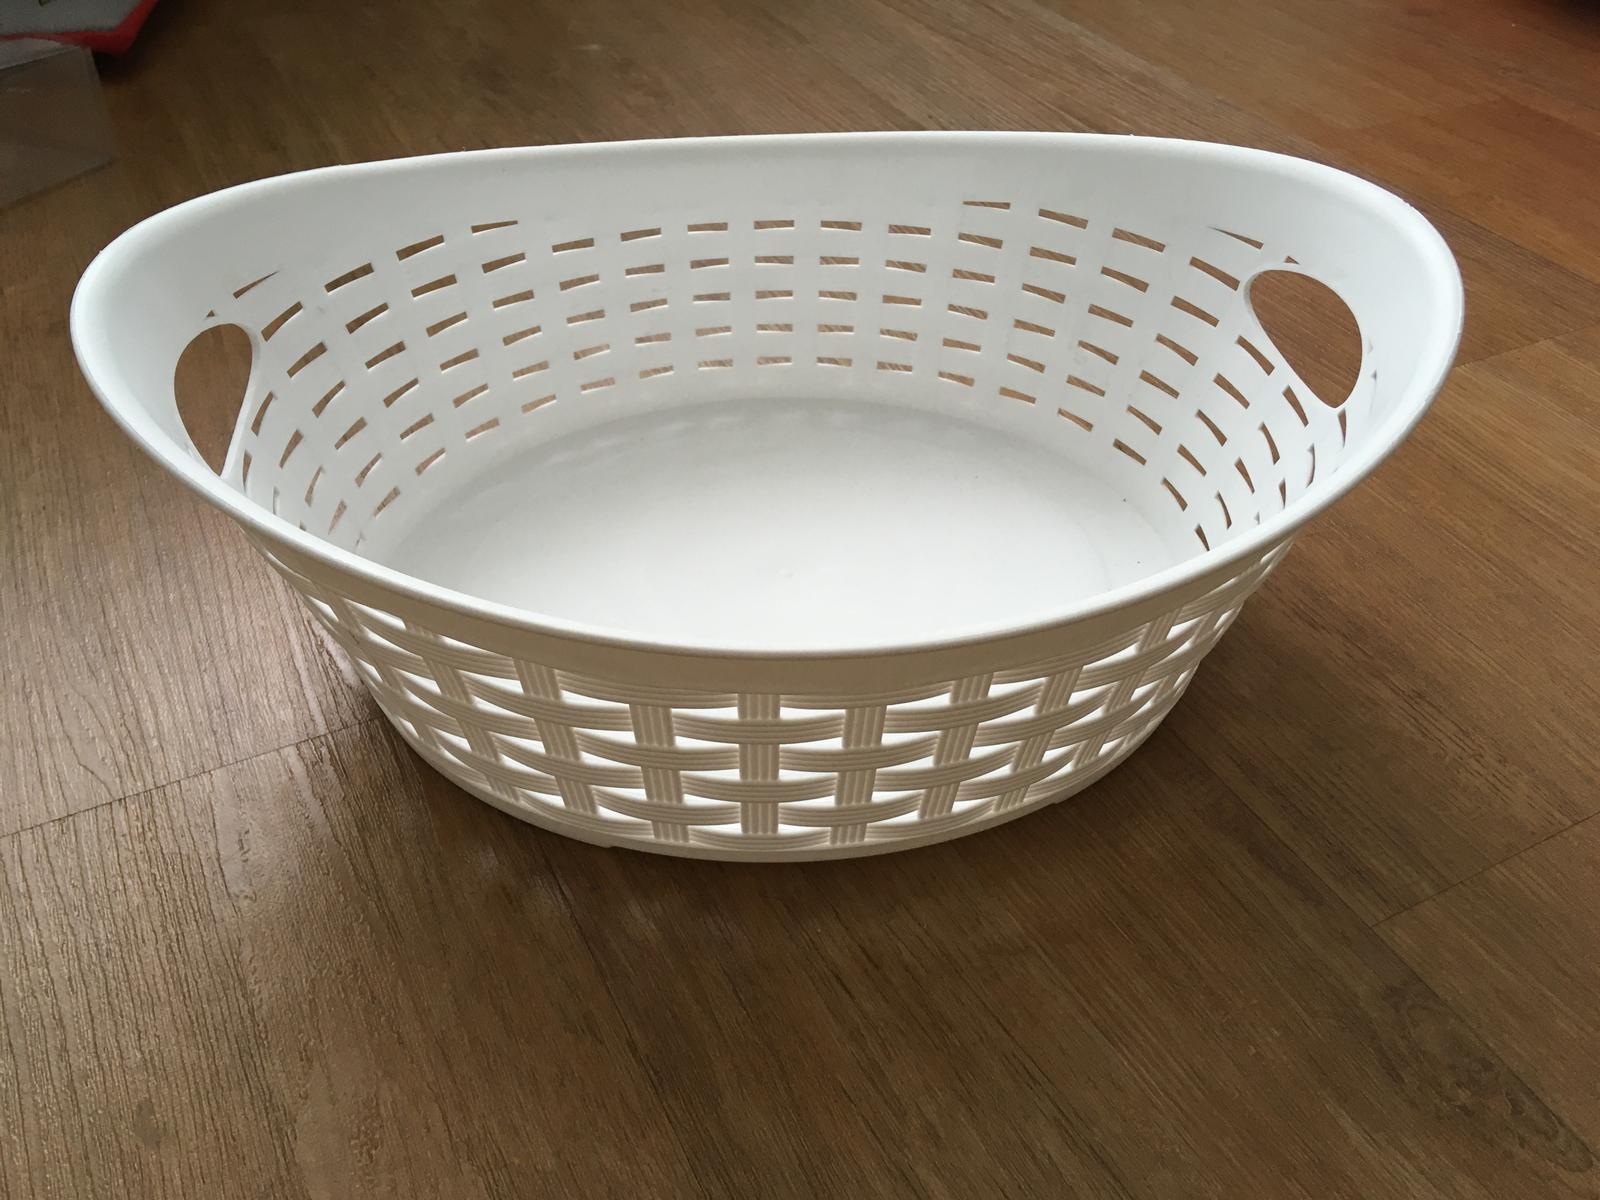 Plastový košík mísa na koláčky - Obrázek č. 1